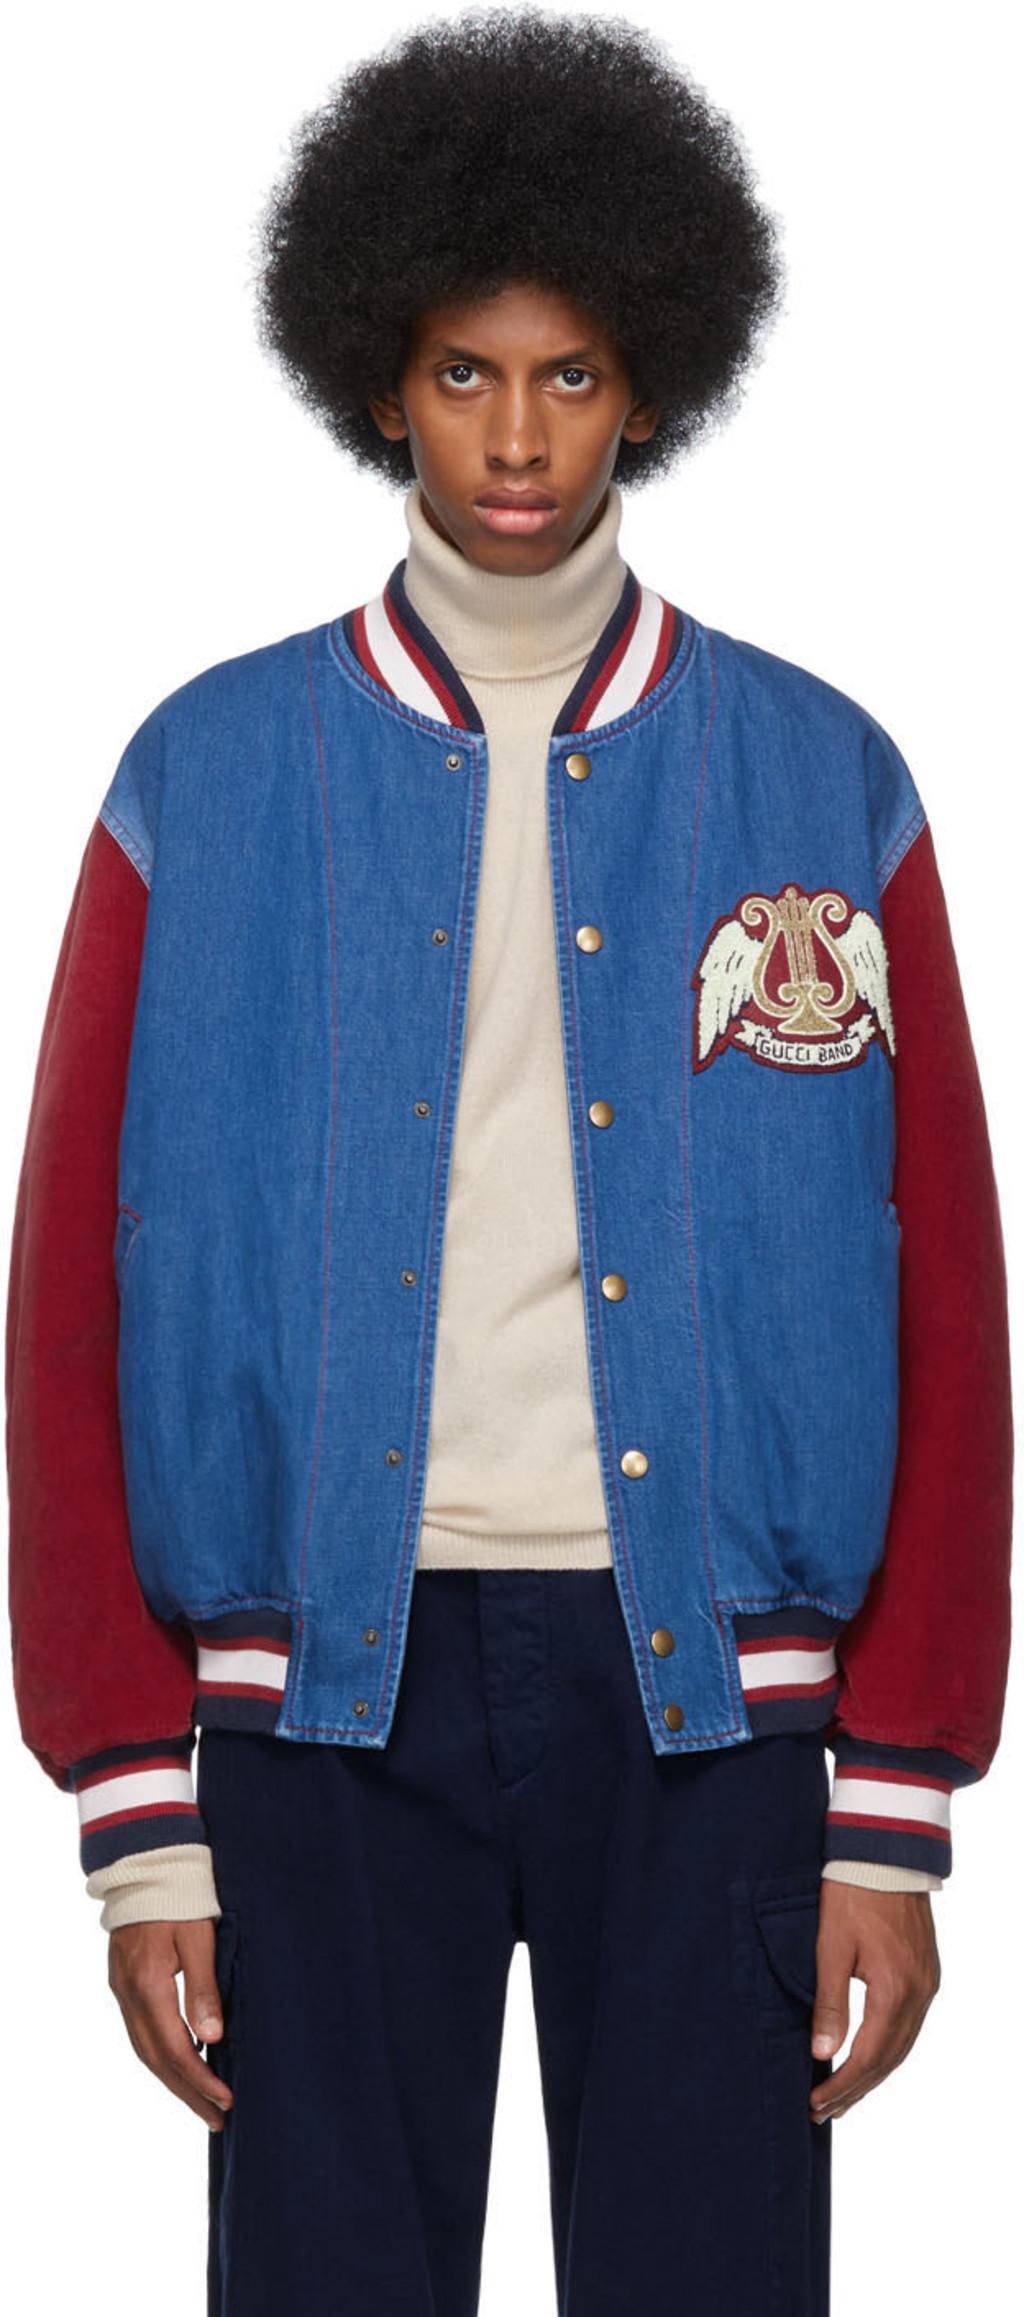 614ccbec6 Blue & Red Denim Bomber Jacket